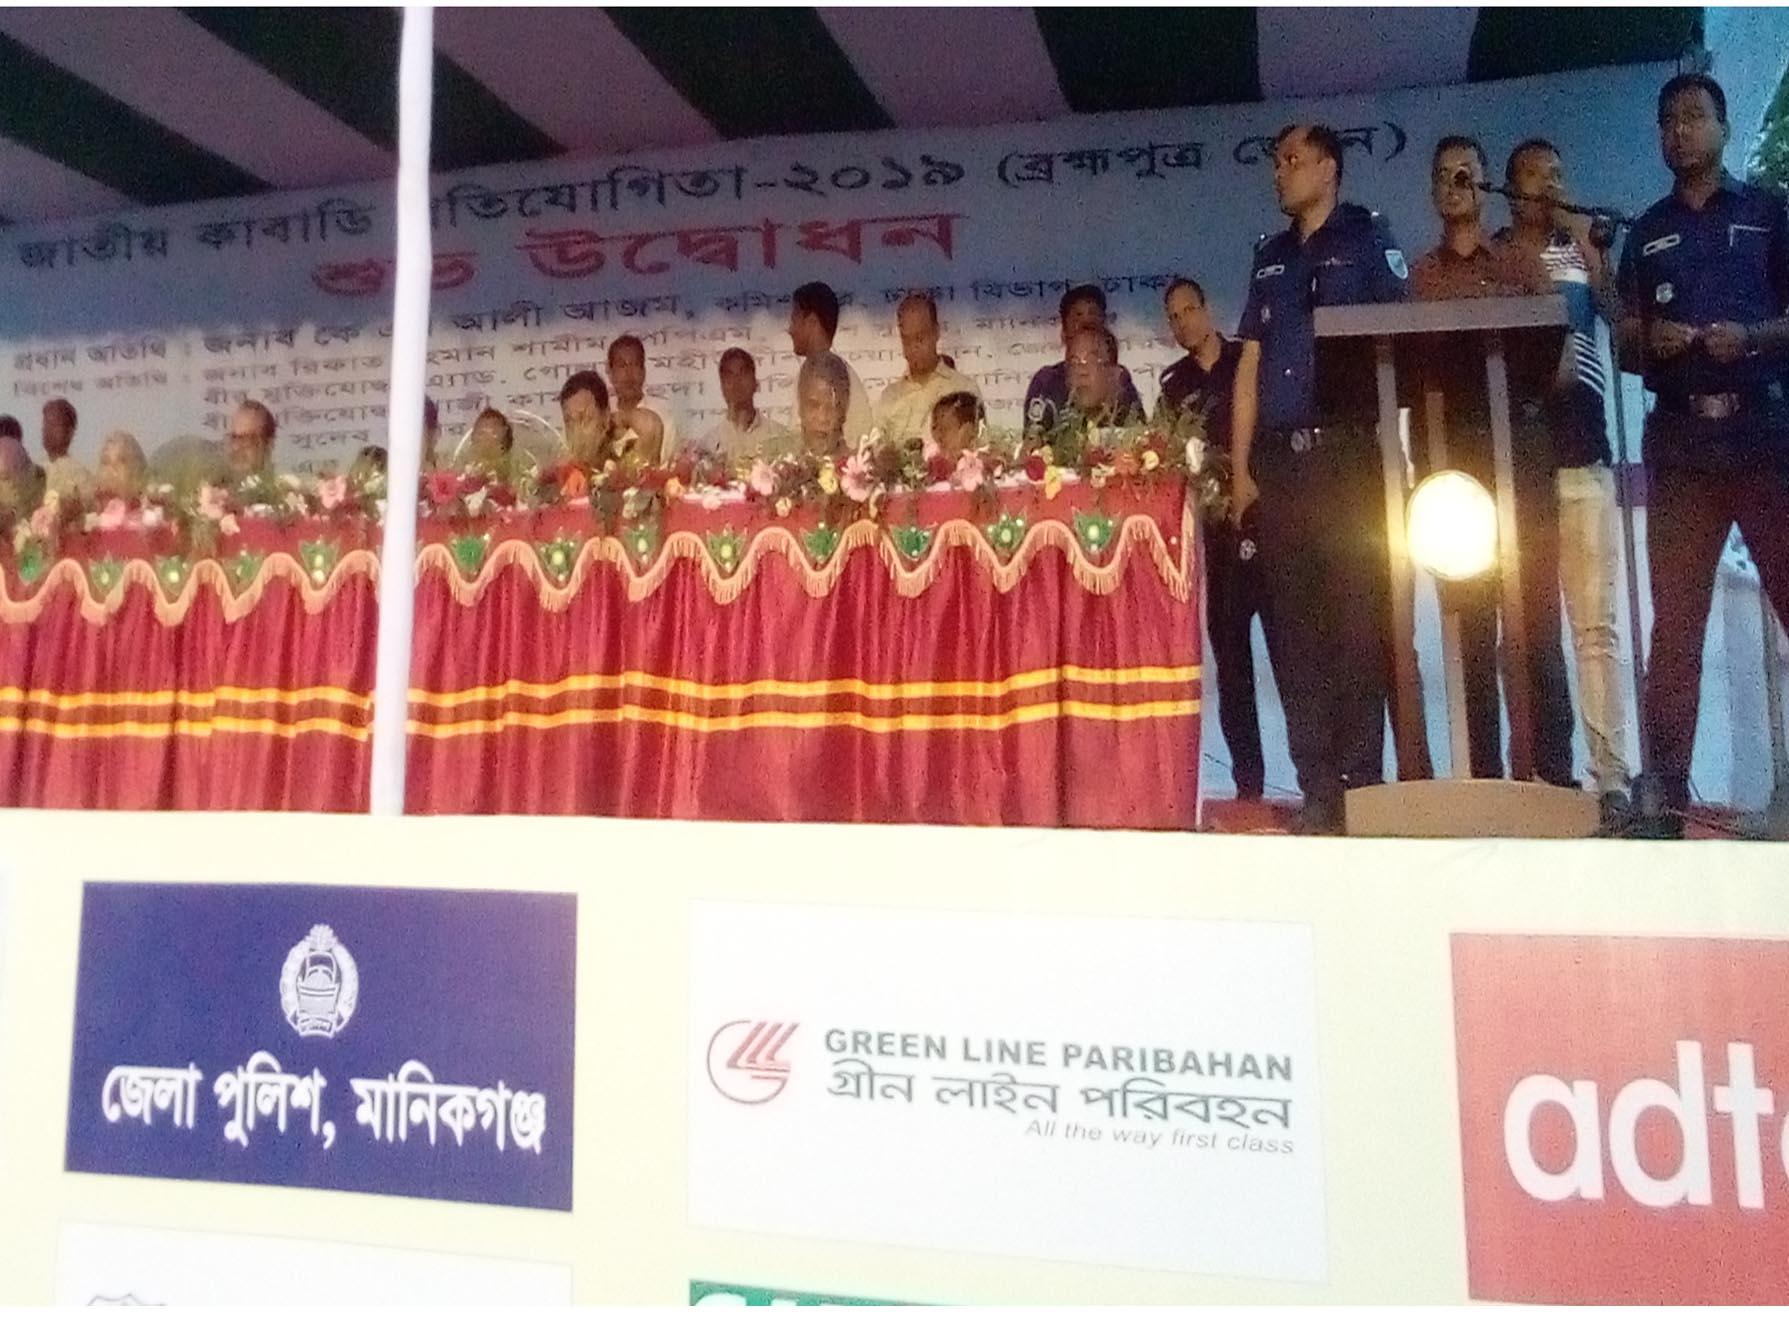 মানিকগঞ্জে জাতীয় কাবাডি প্রতিযোগীতা শুভ উদ্বোধন